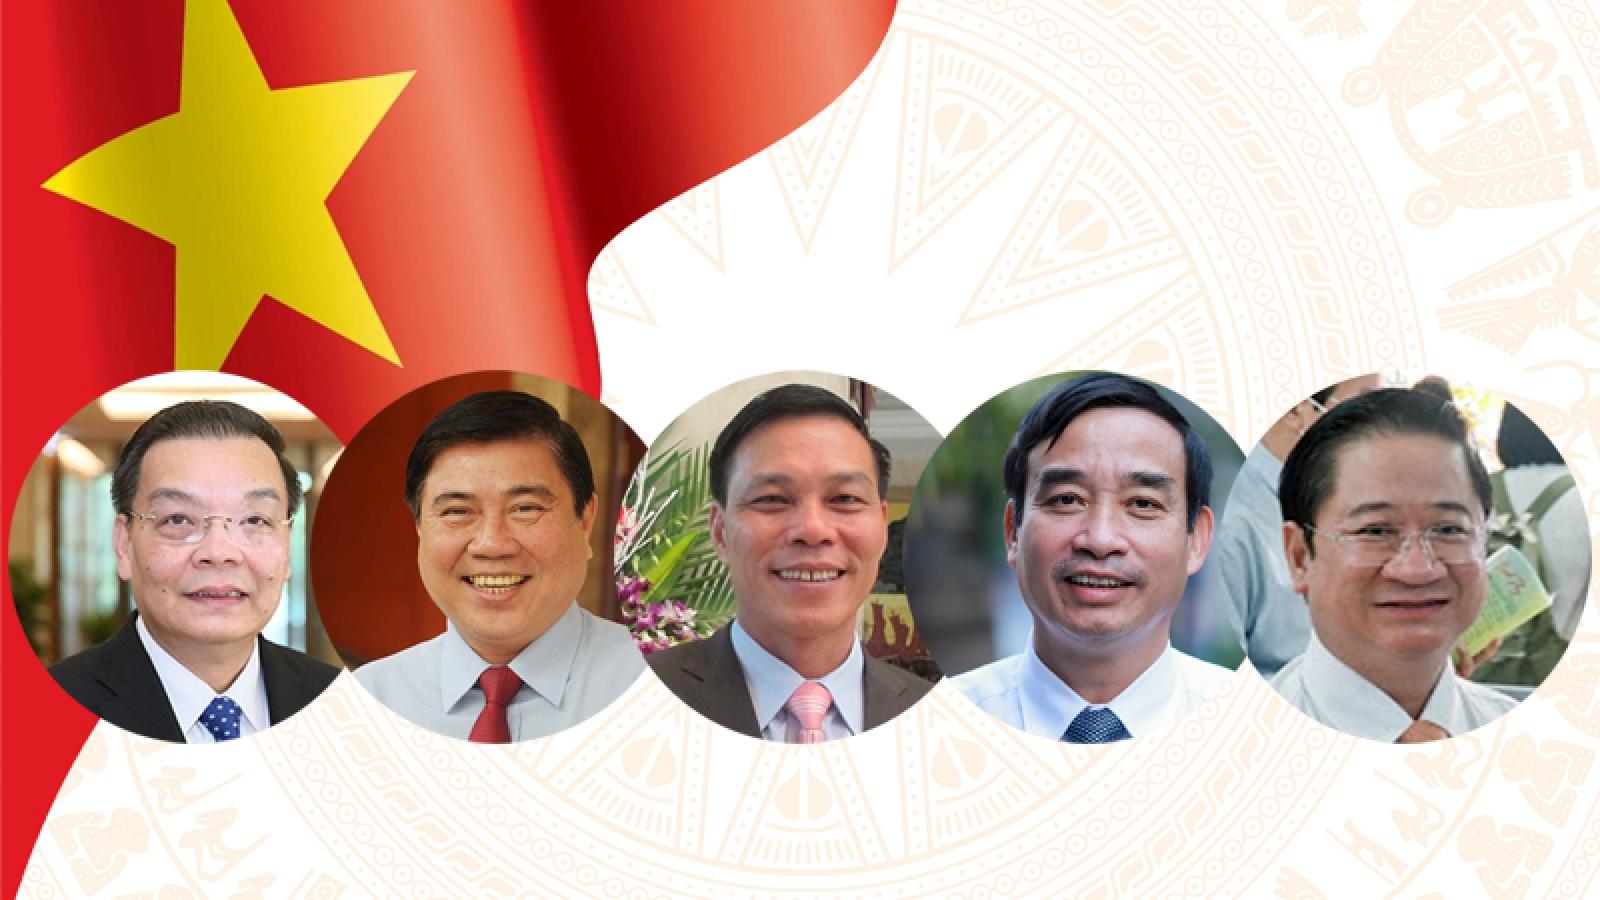 Danh sách 62 Chủ tịch UBND tỉnh, thành phố nhiệm kỳ 2021 - 2026